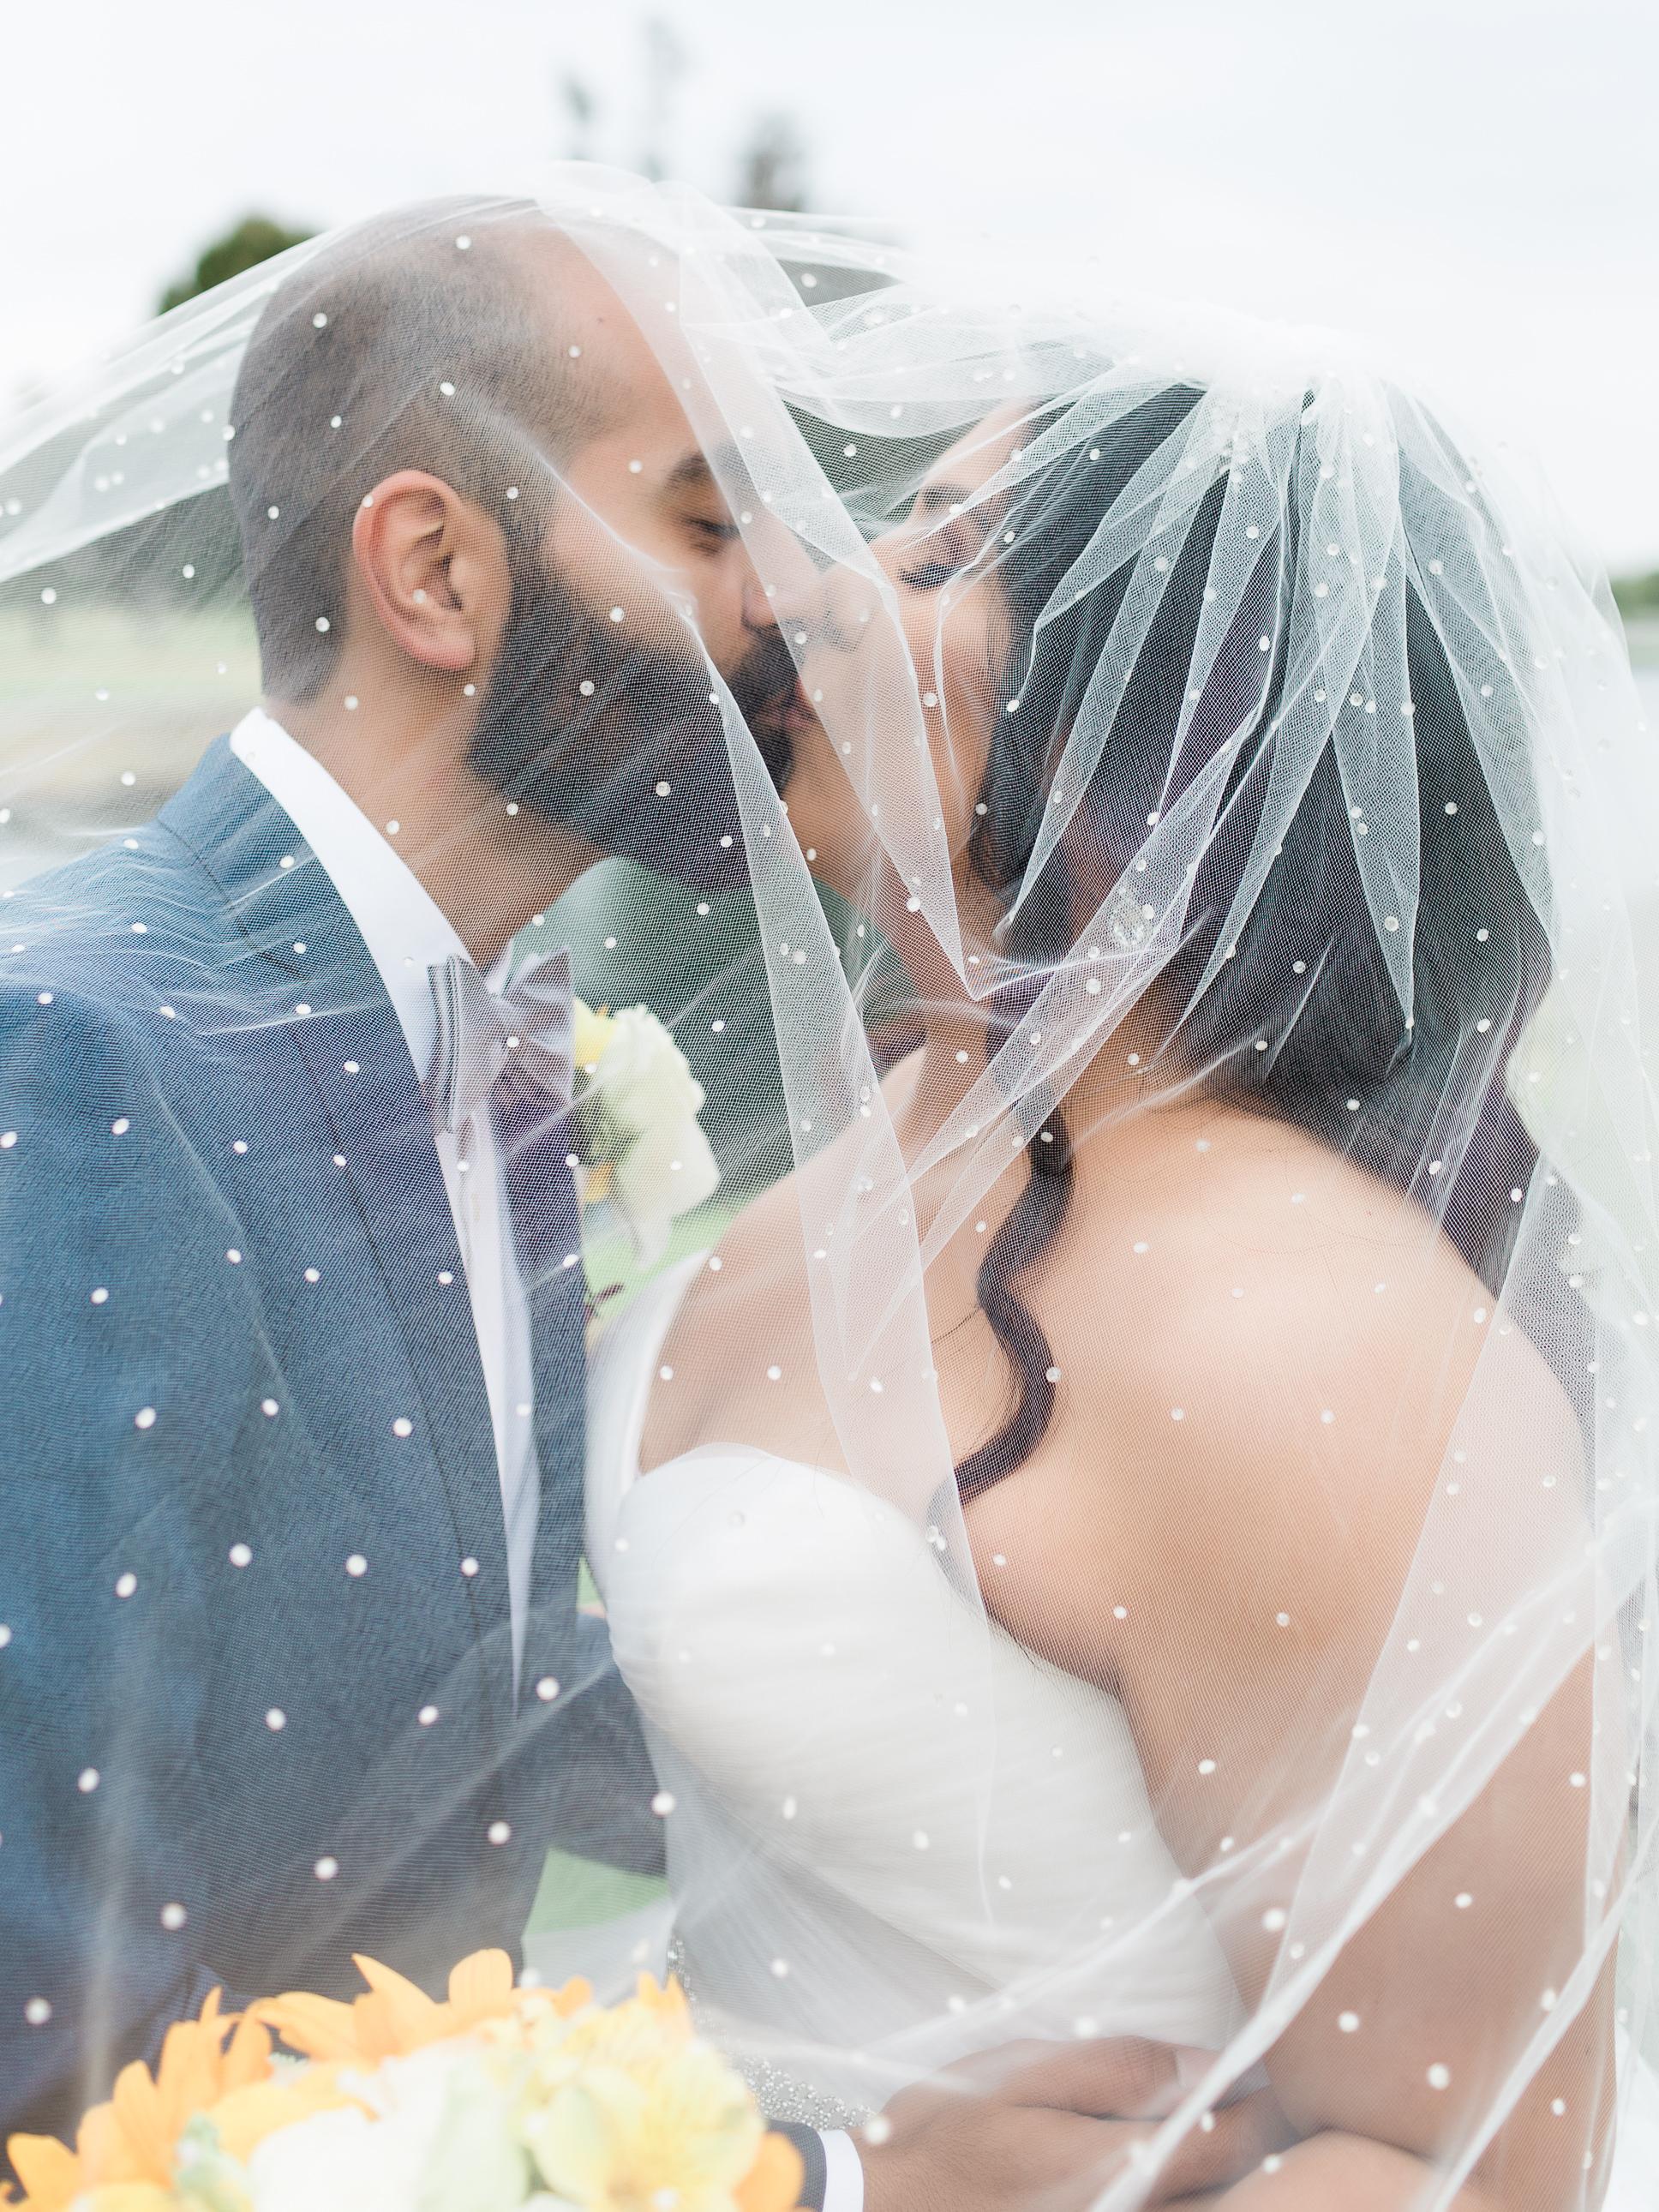 05_20_18_Moctezuma_Wedding_0781-Edit.jpg